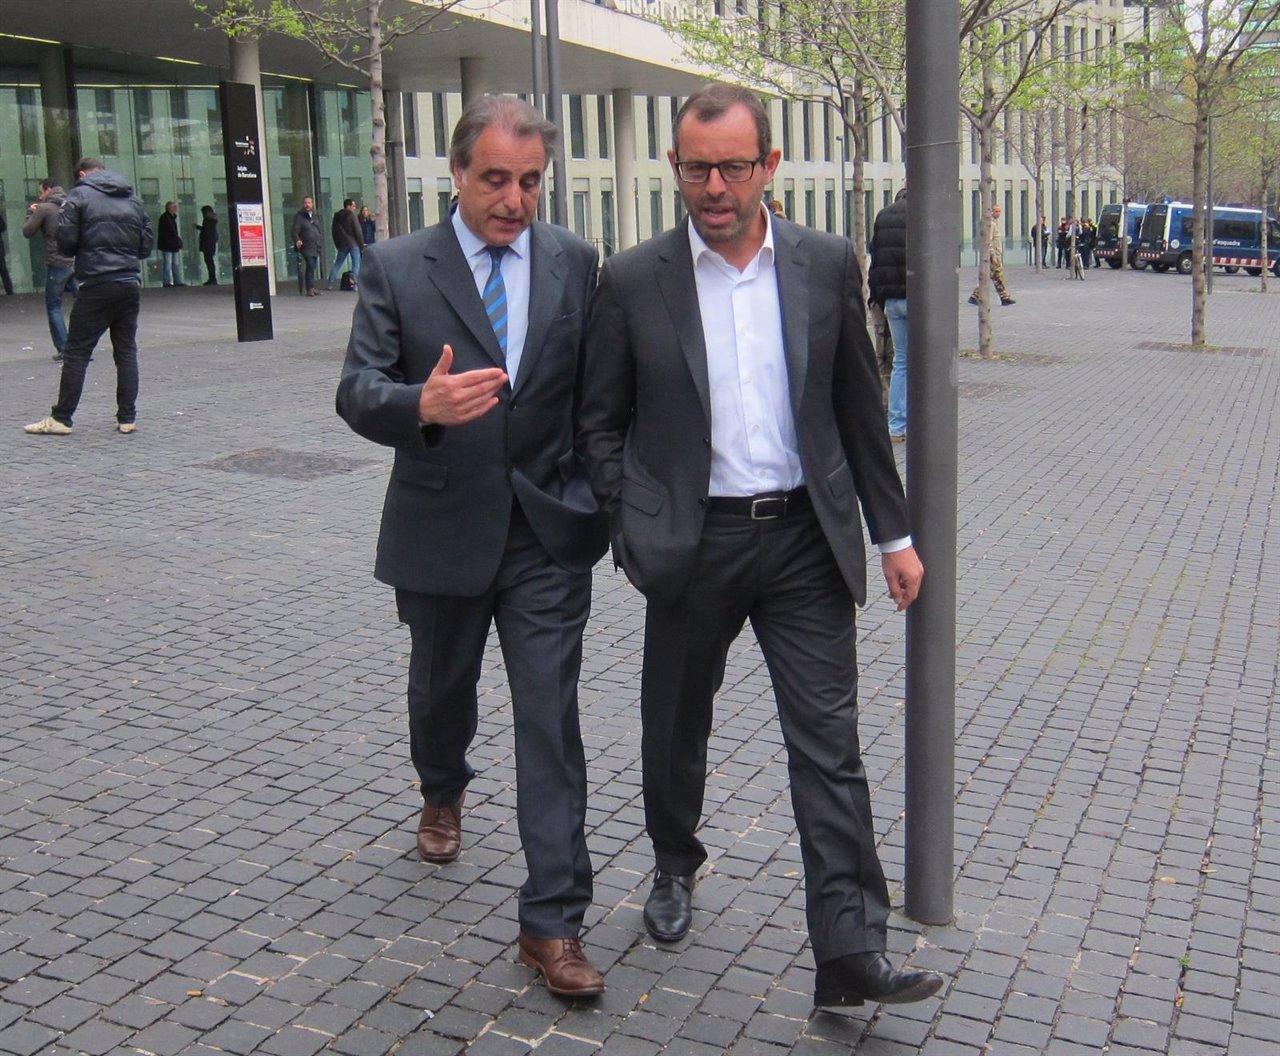 El abogado Pau Molins acompaña a Sandro Rosell a la ciudad de la justicia